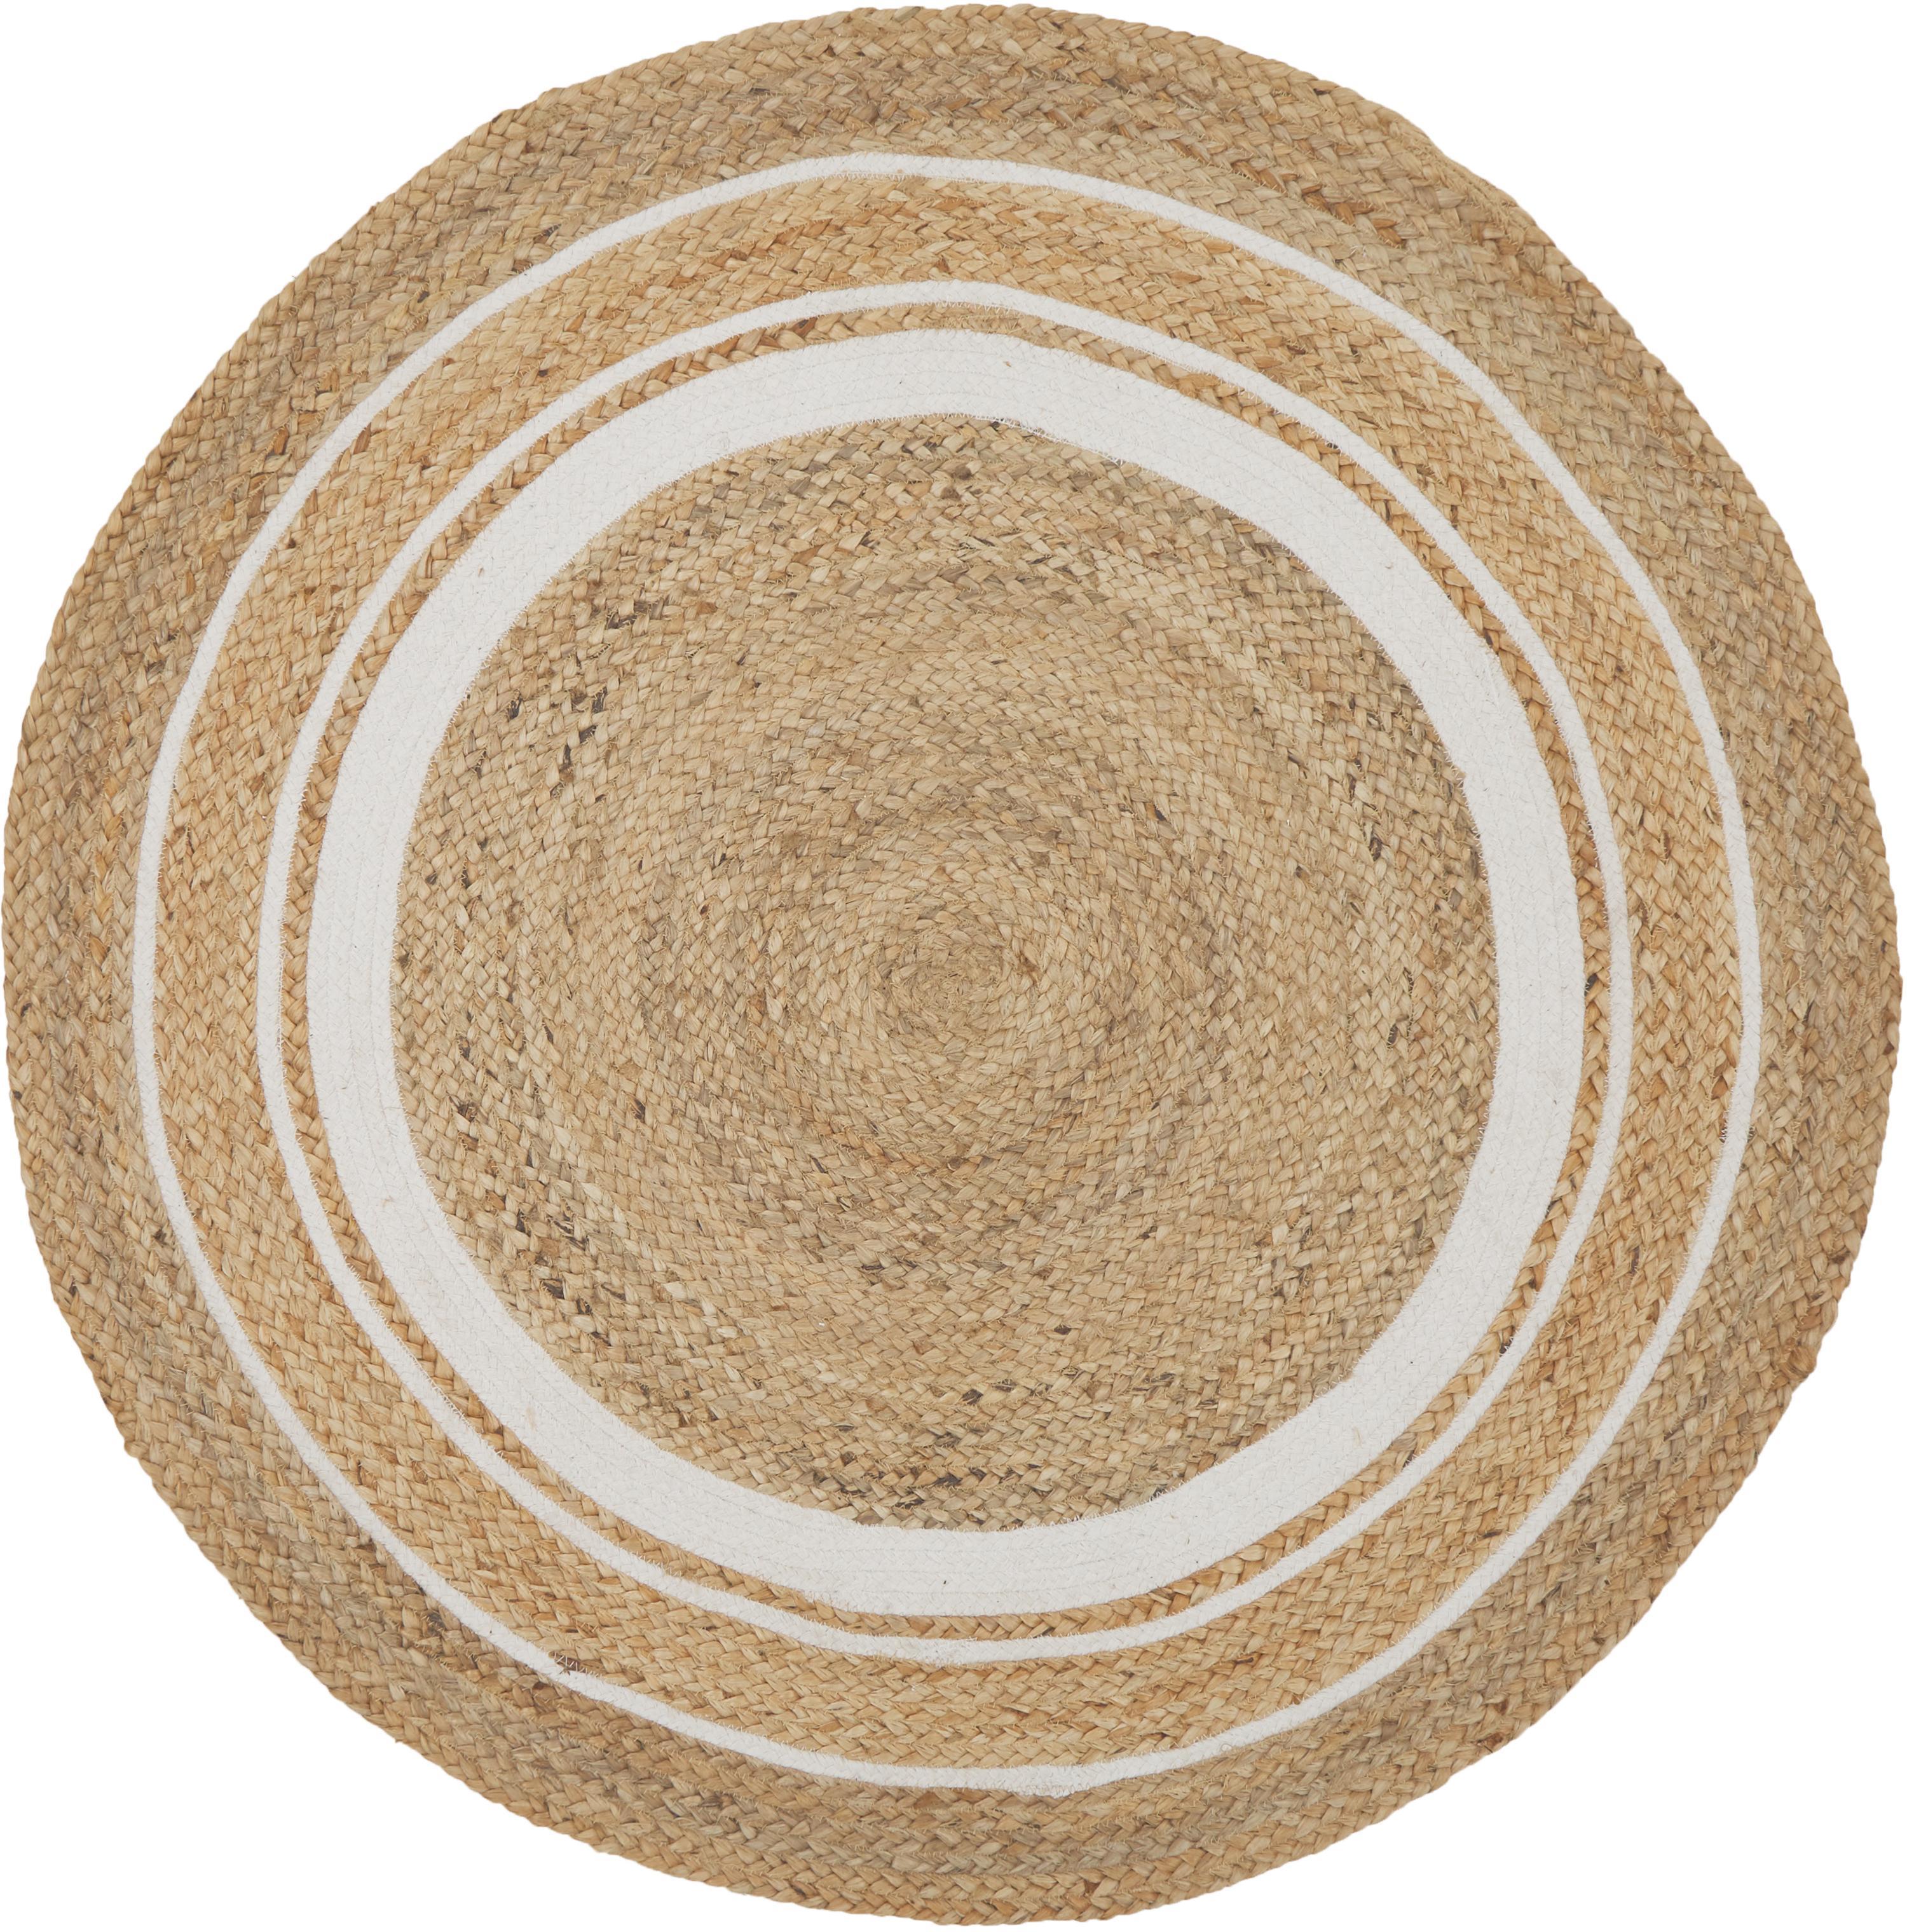 Handgemaakte jute vloerkleed Clover, 75% jute, 24% katoen, 1% polyester, Beige, wit, Ø 120 cm (maat S)